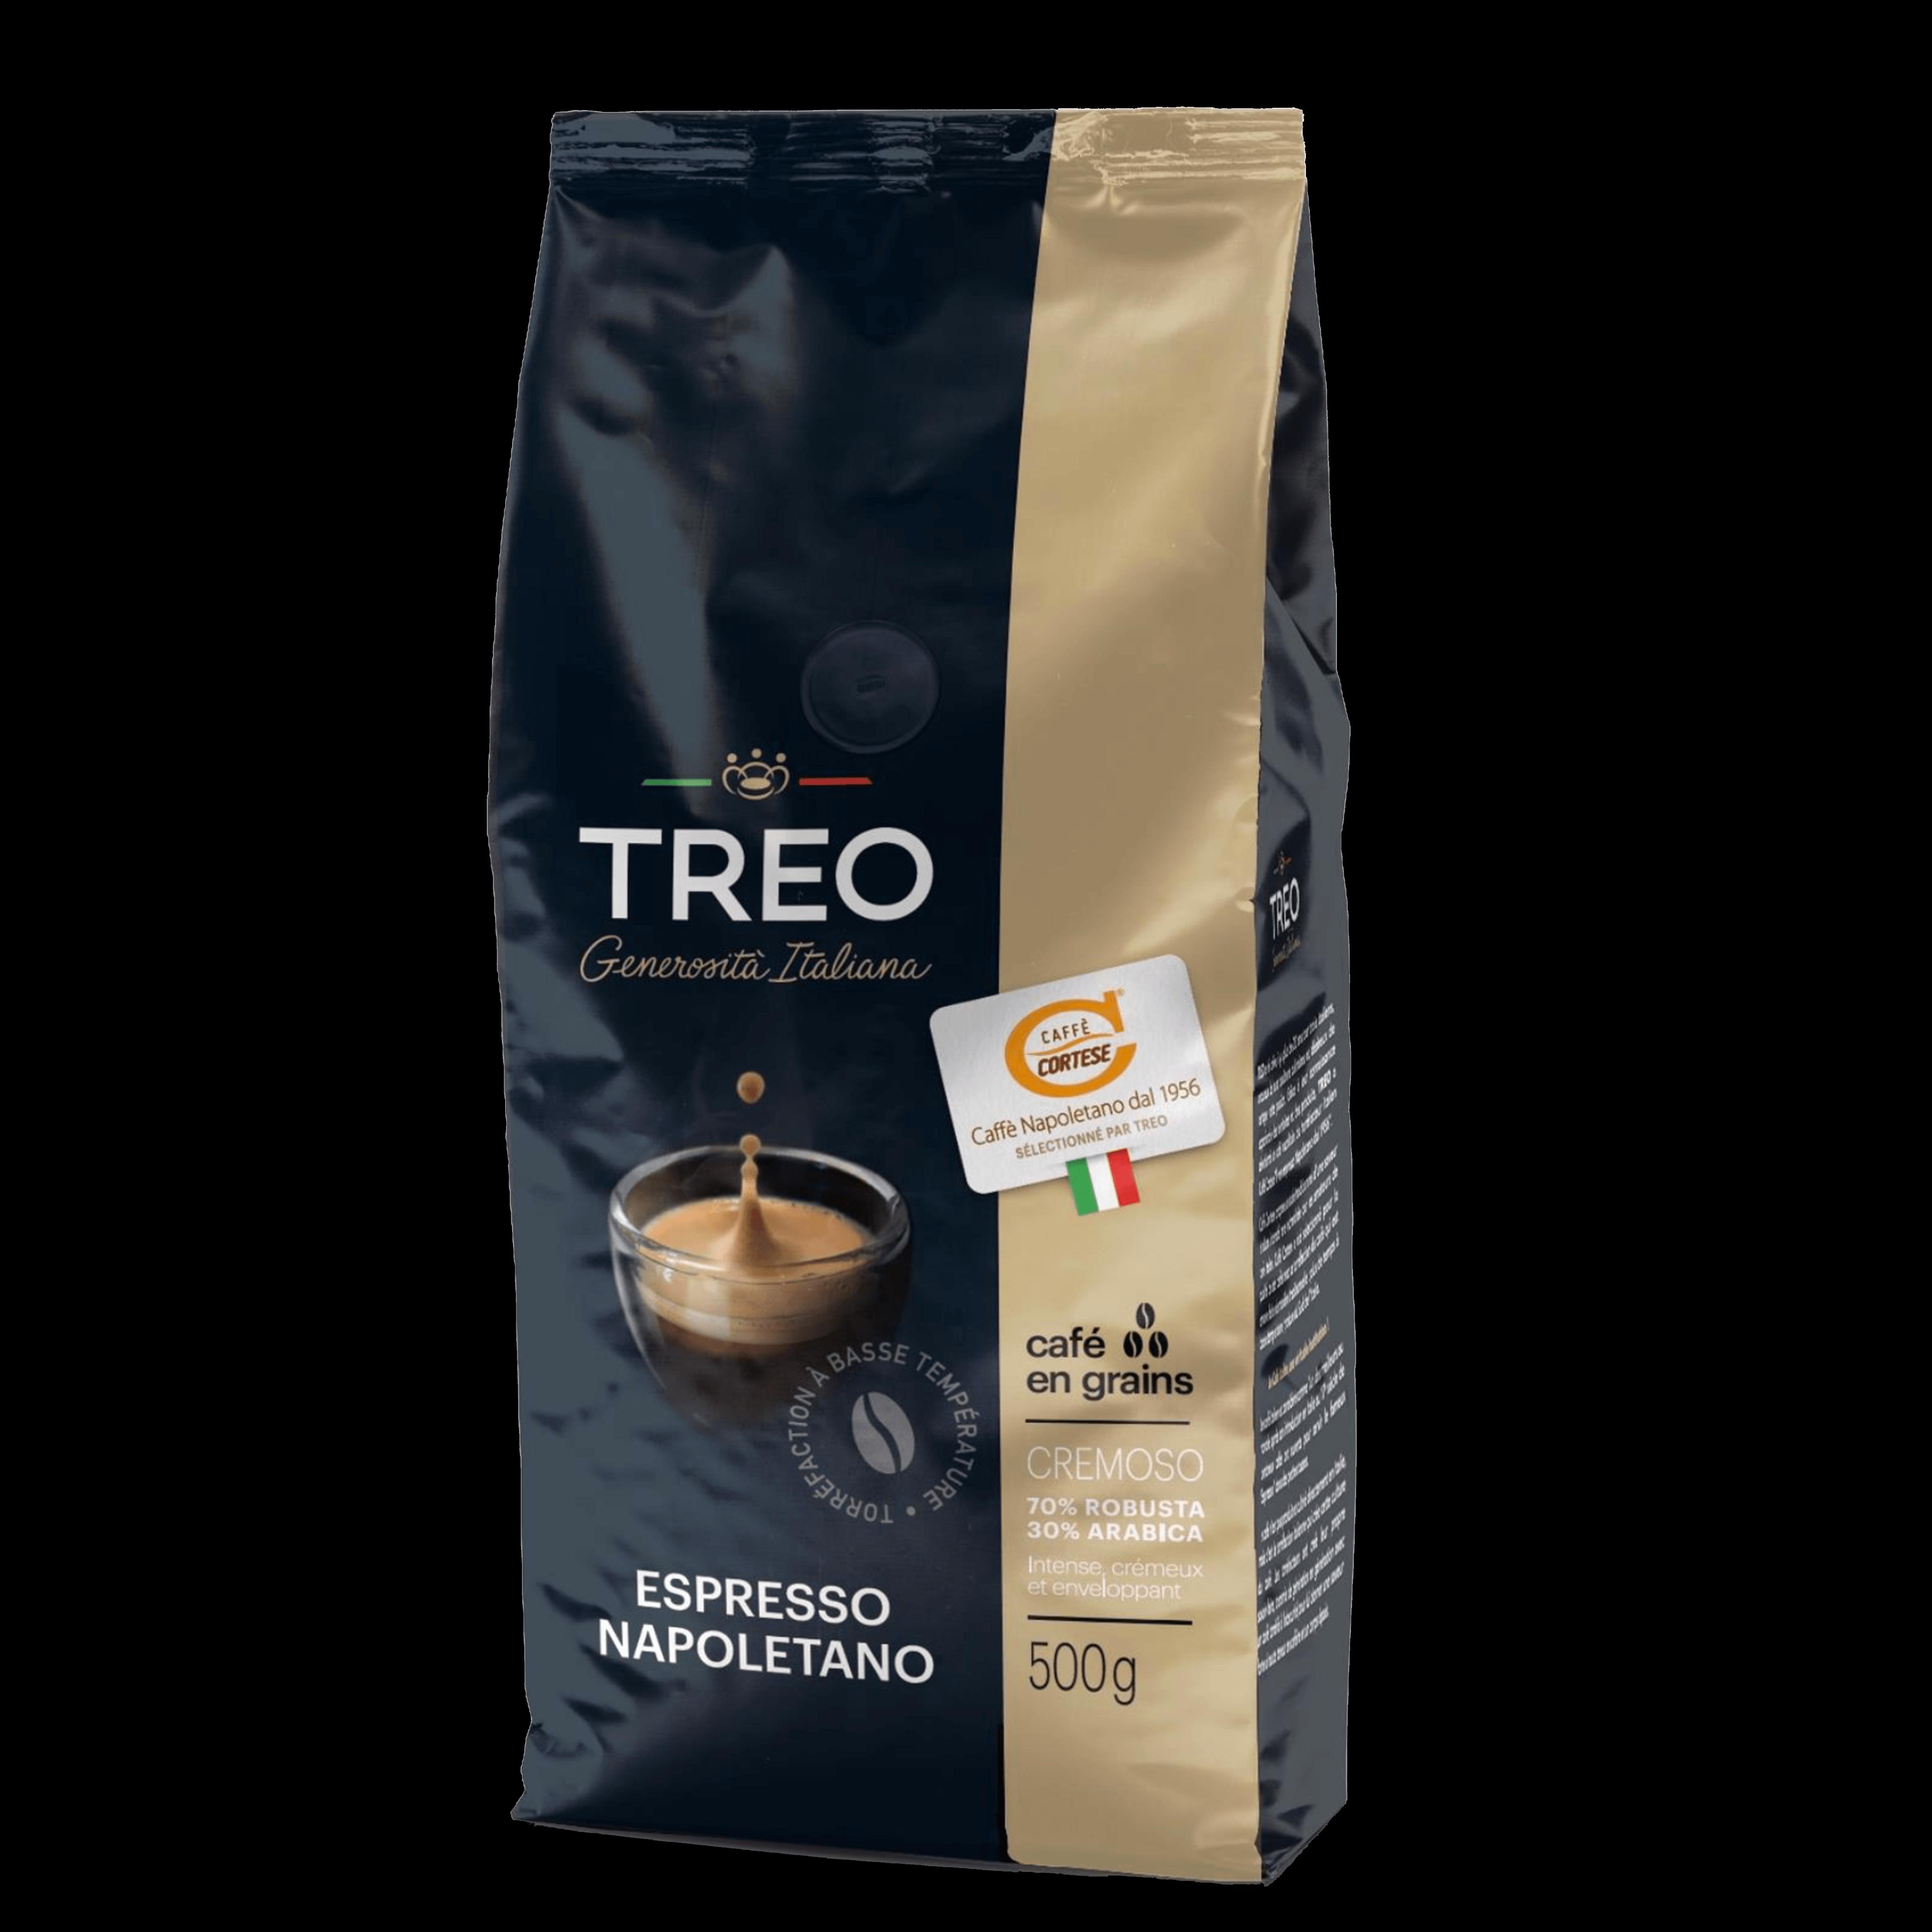 Café grain cremoso